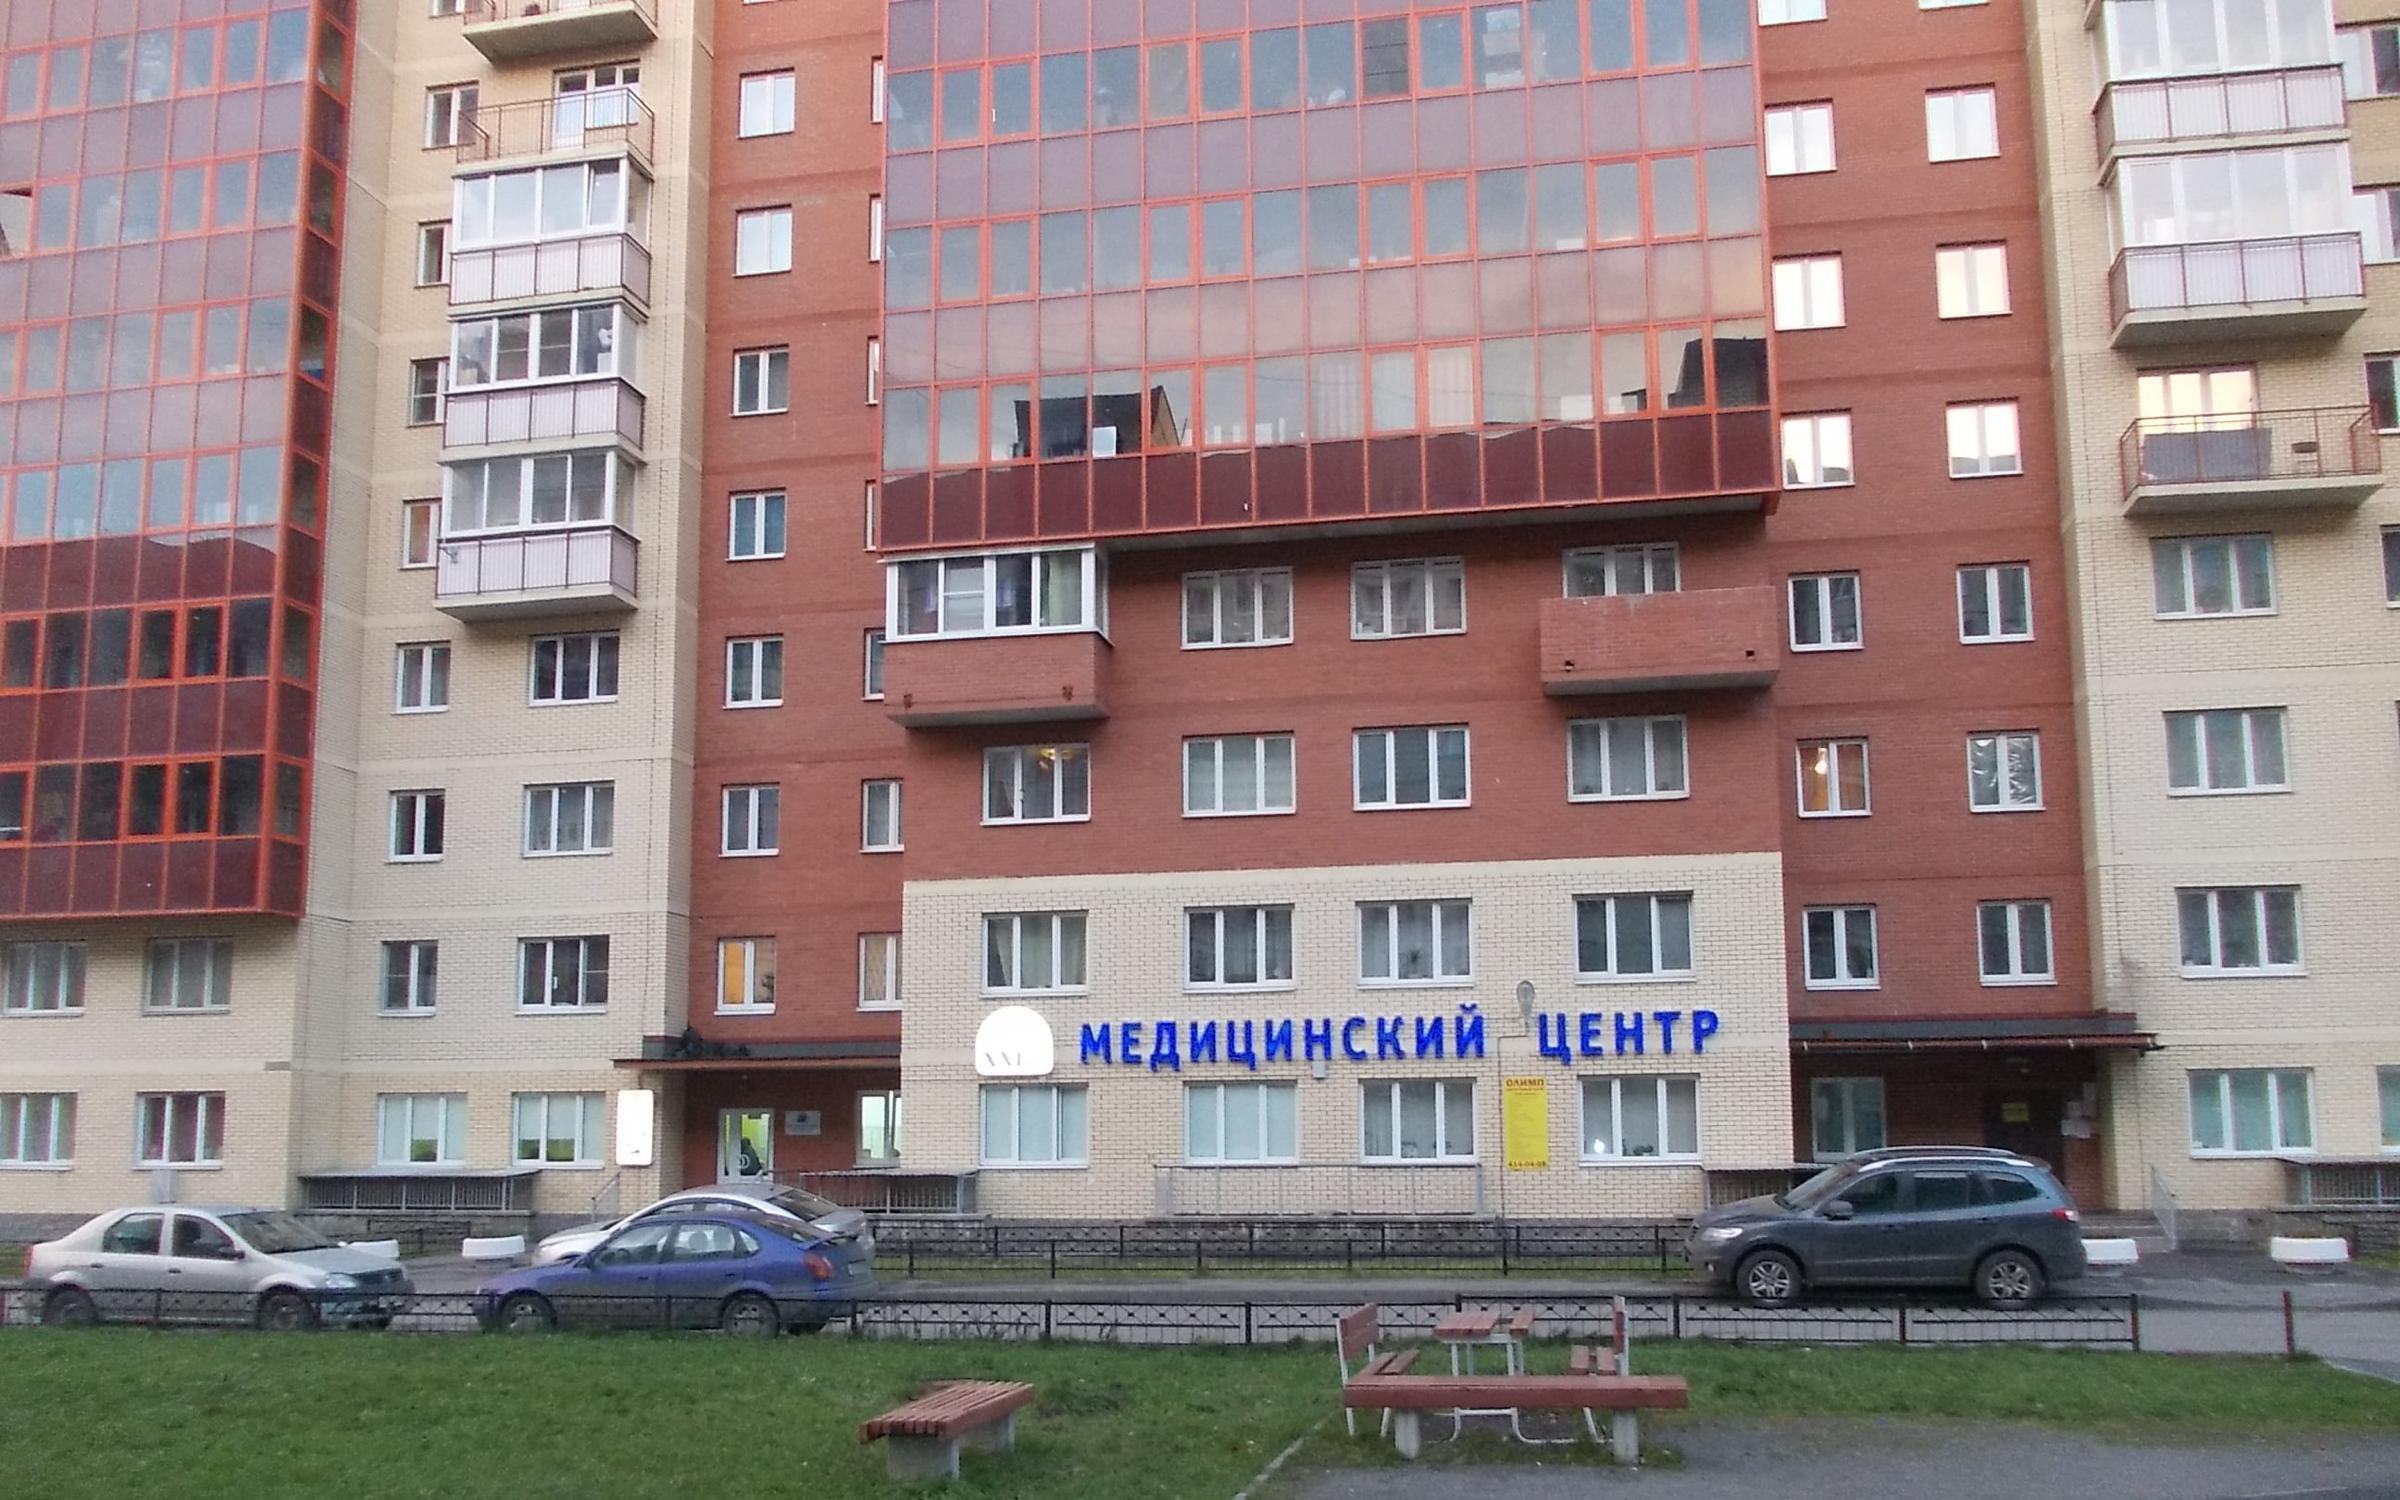 фотография Медицинского центра XXI век в Моравском переулке